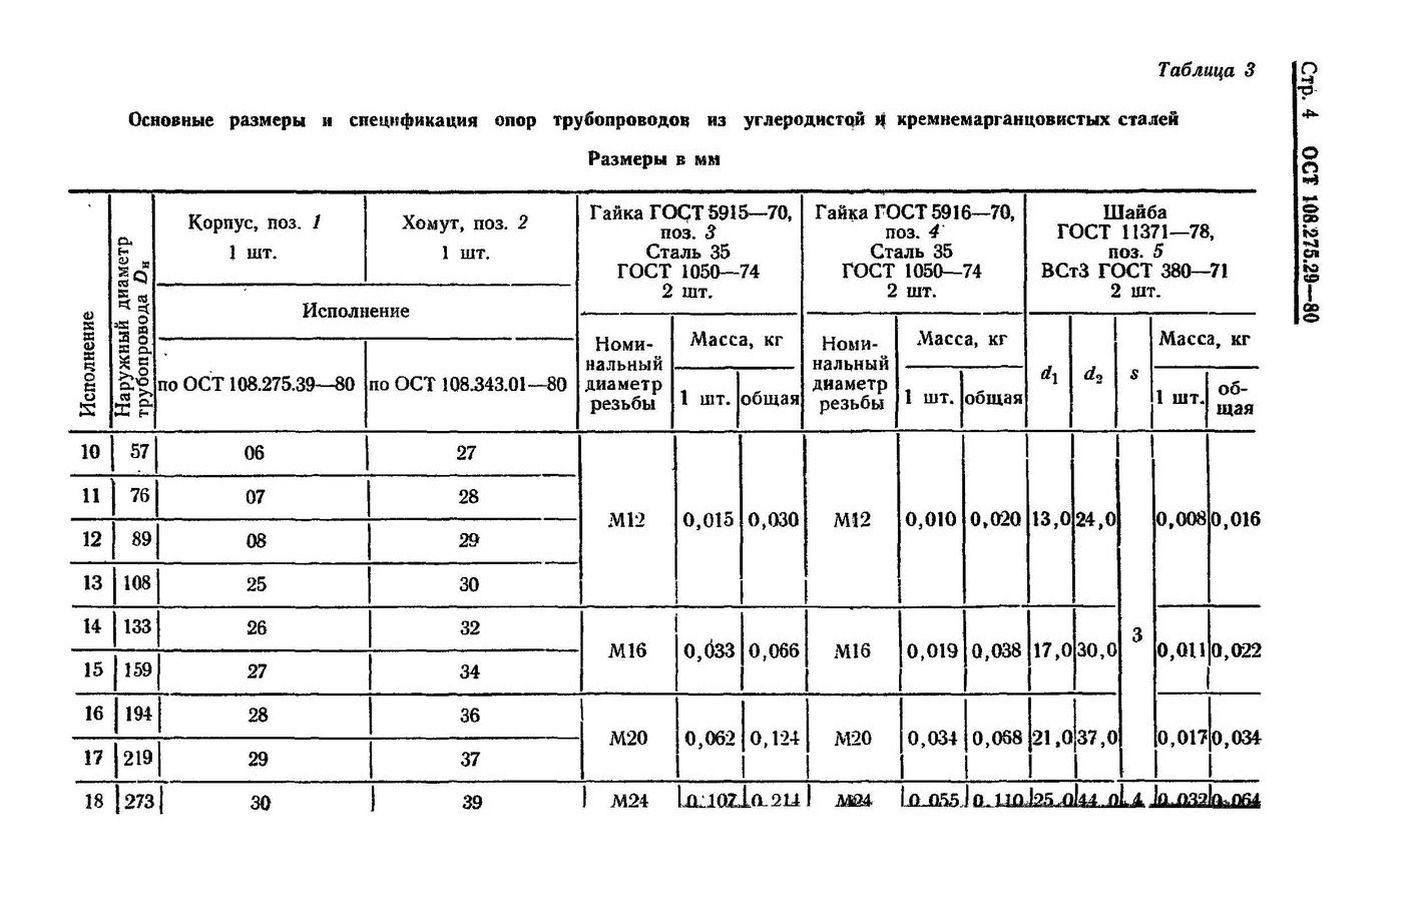 Опоры скользящие однохомутовые ОСТ 108.275.29-80 стр.4